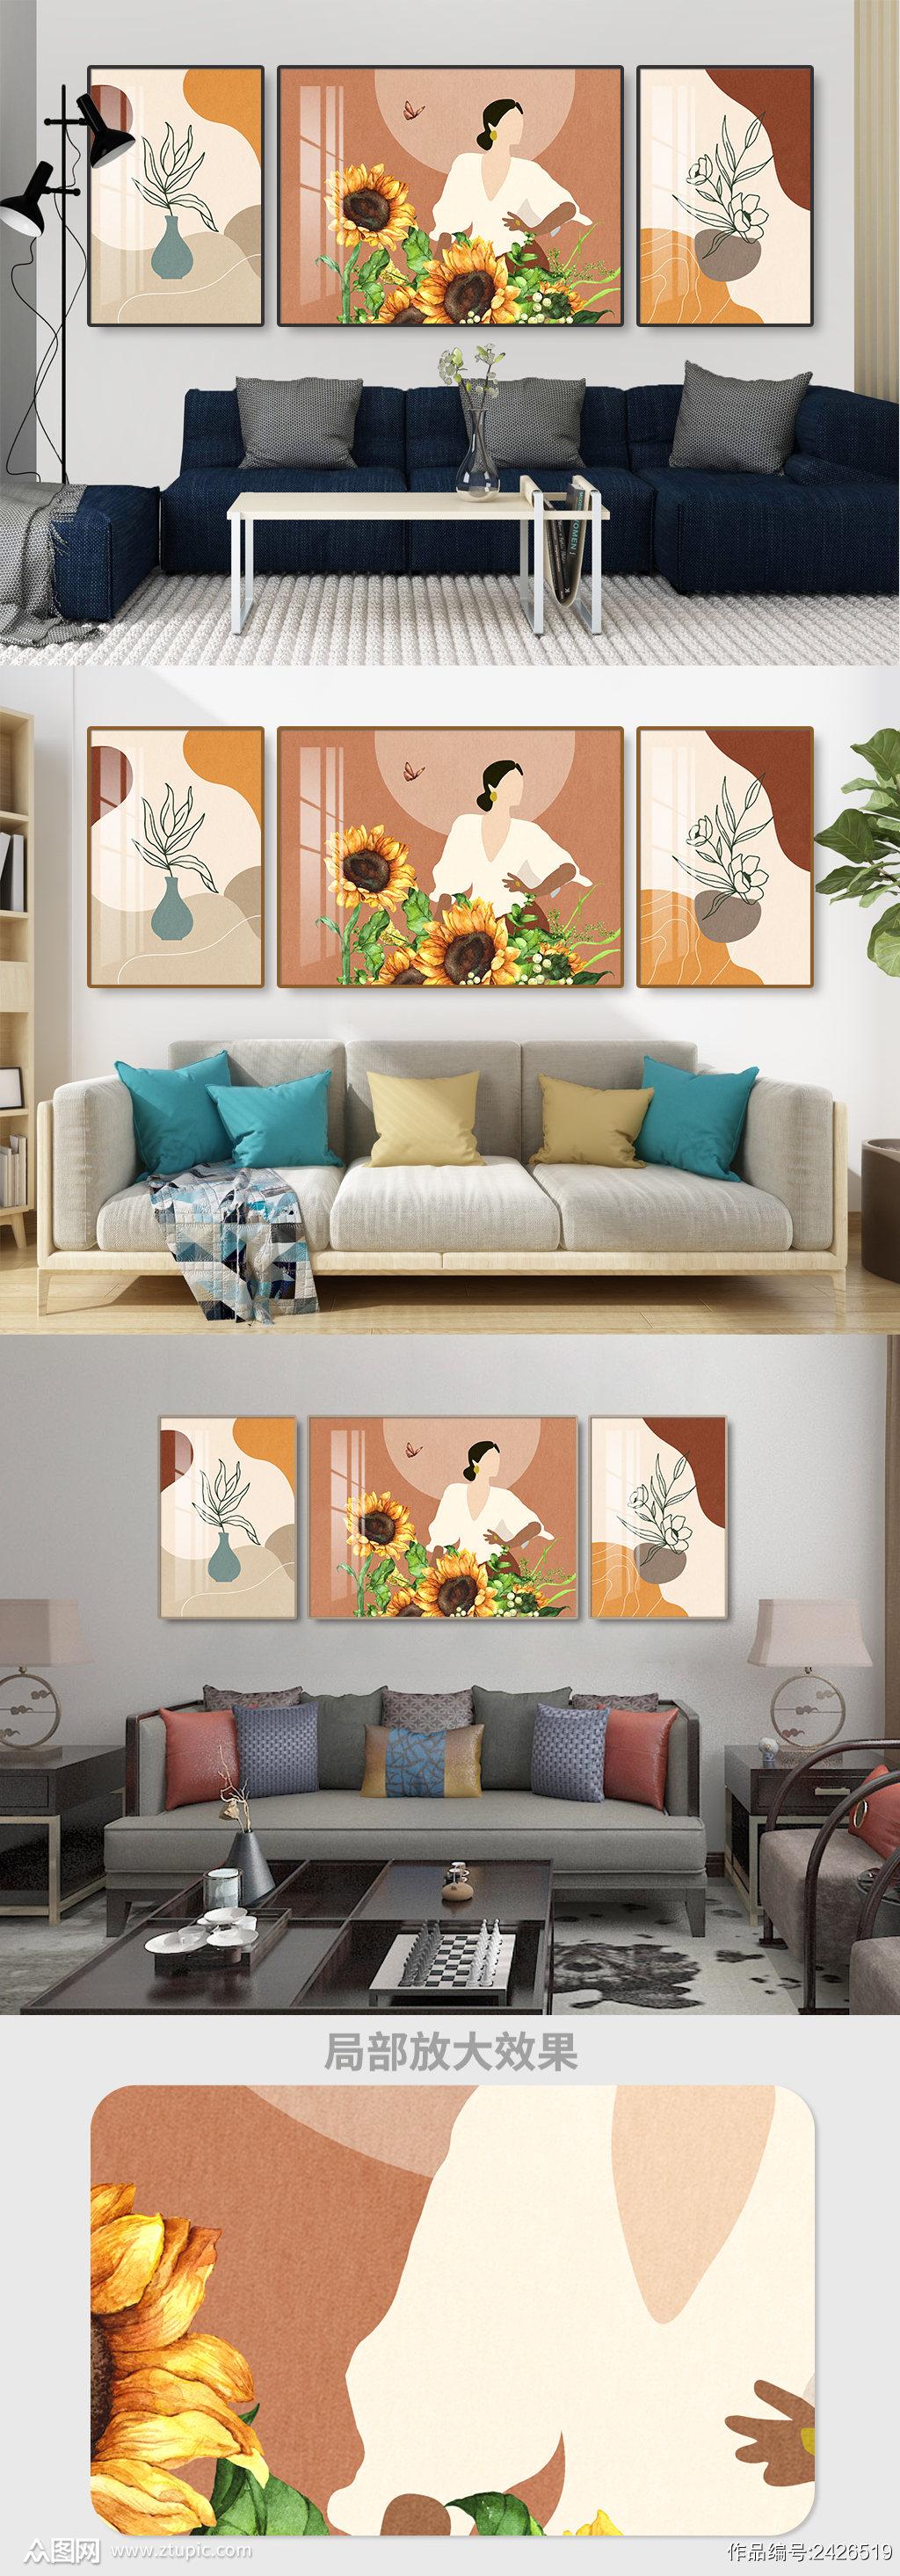 手绘向日葵花卉美女装饰画素材